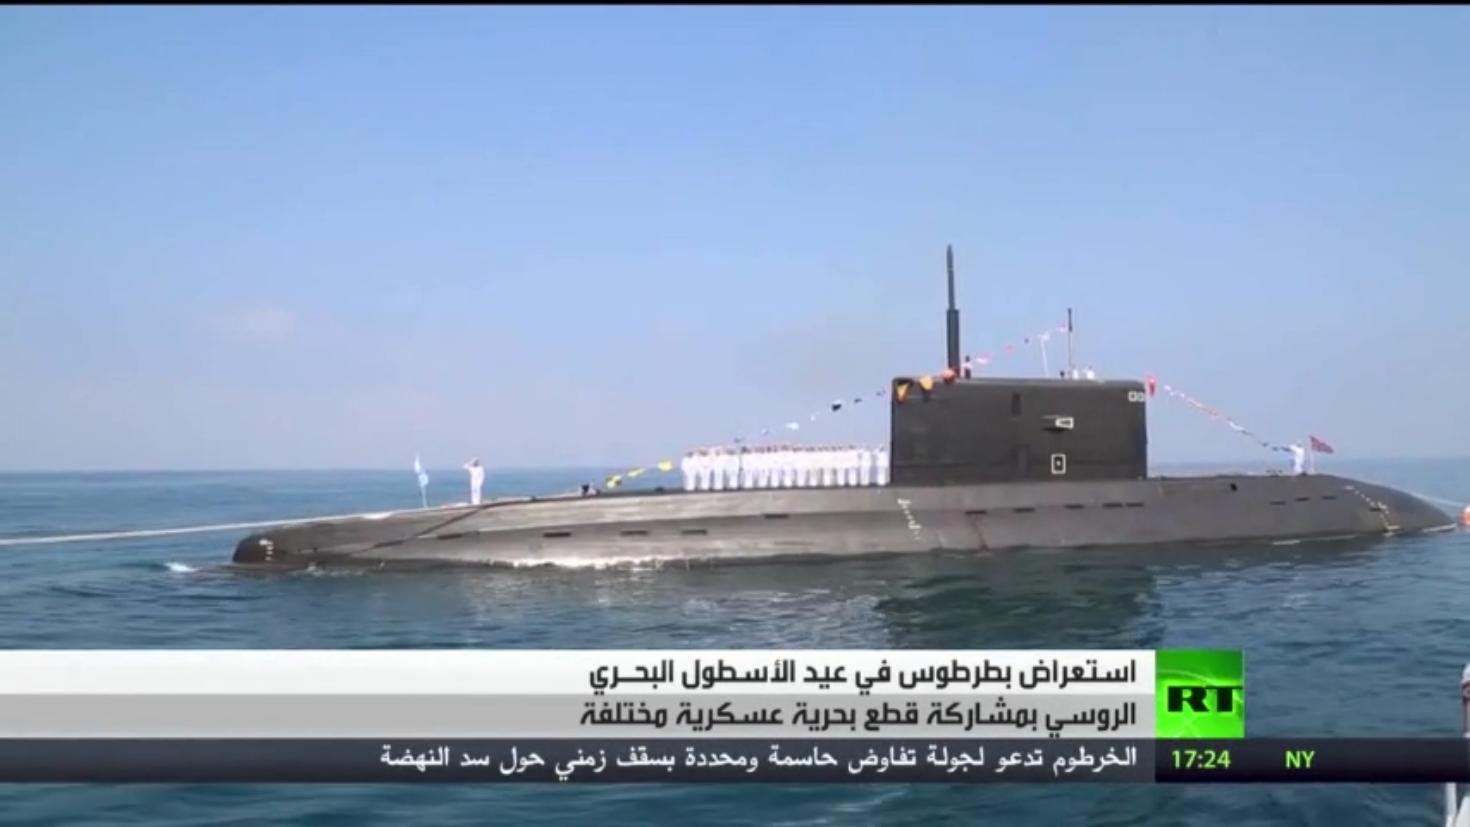 الأسطول البحري الروسي يحتفل بعيده في طرطوس